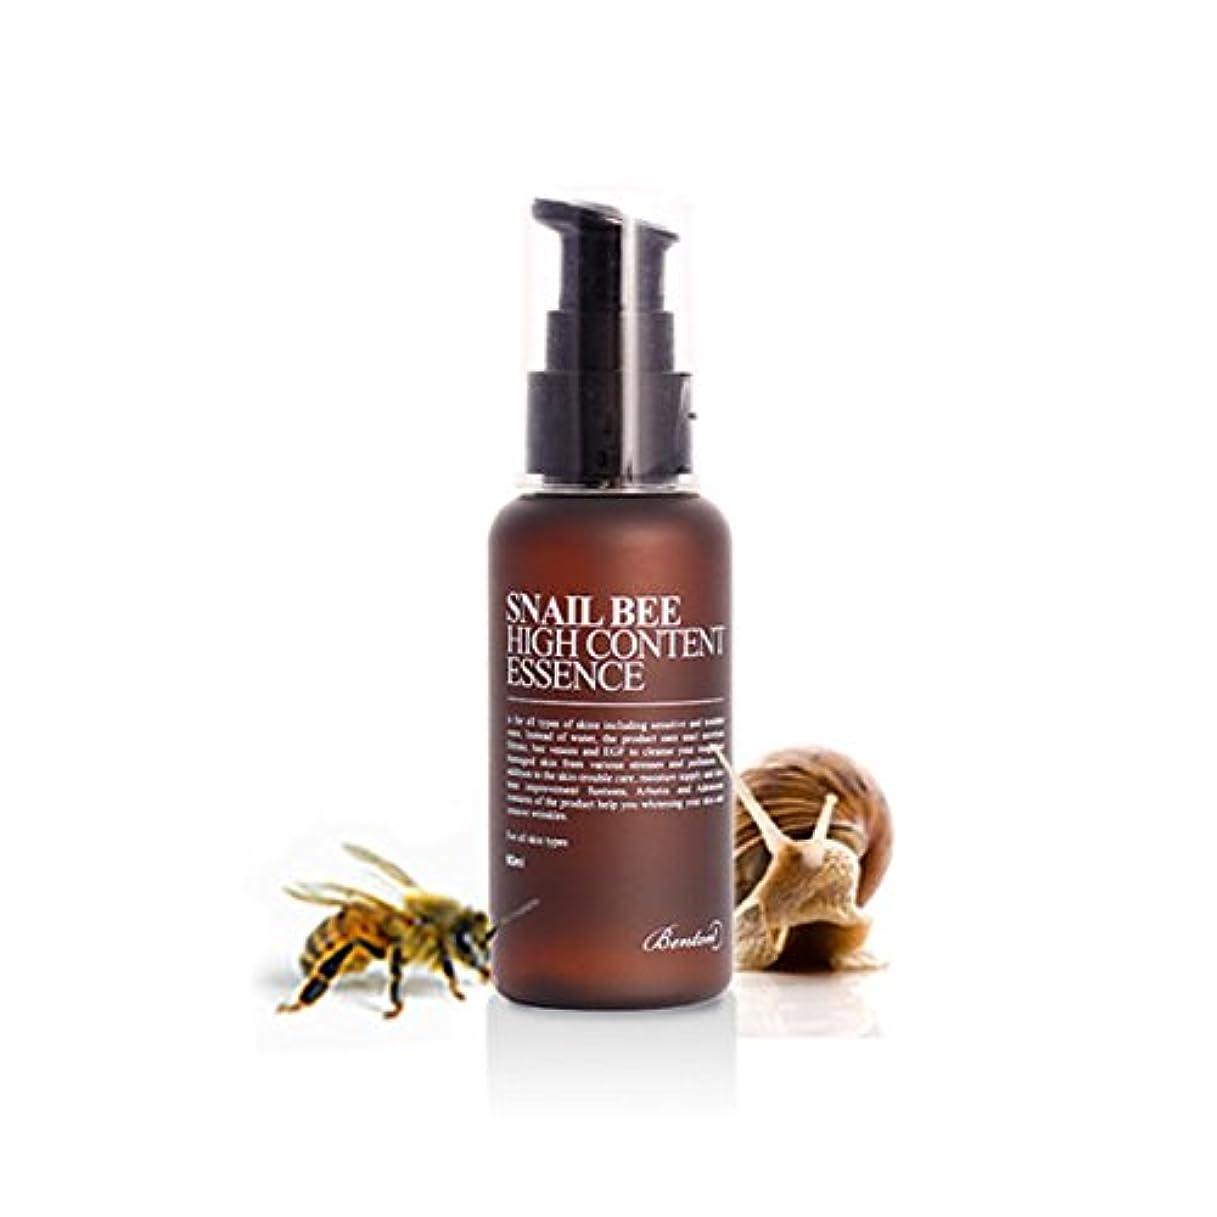 触手ネットたまに[ベントン] Benton カタツムリ蜂ハイコンテンツエッセンス Snail Bee High Content Essence 60ml [並行輸入品]